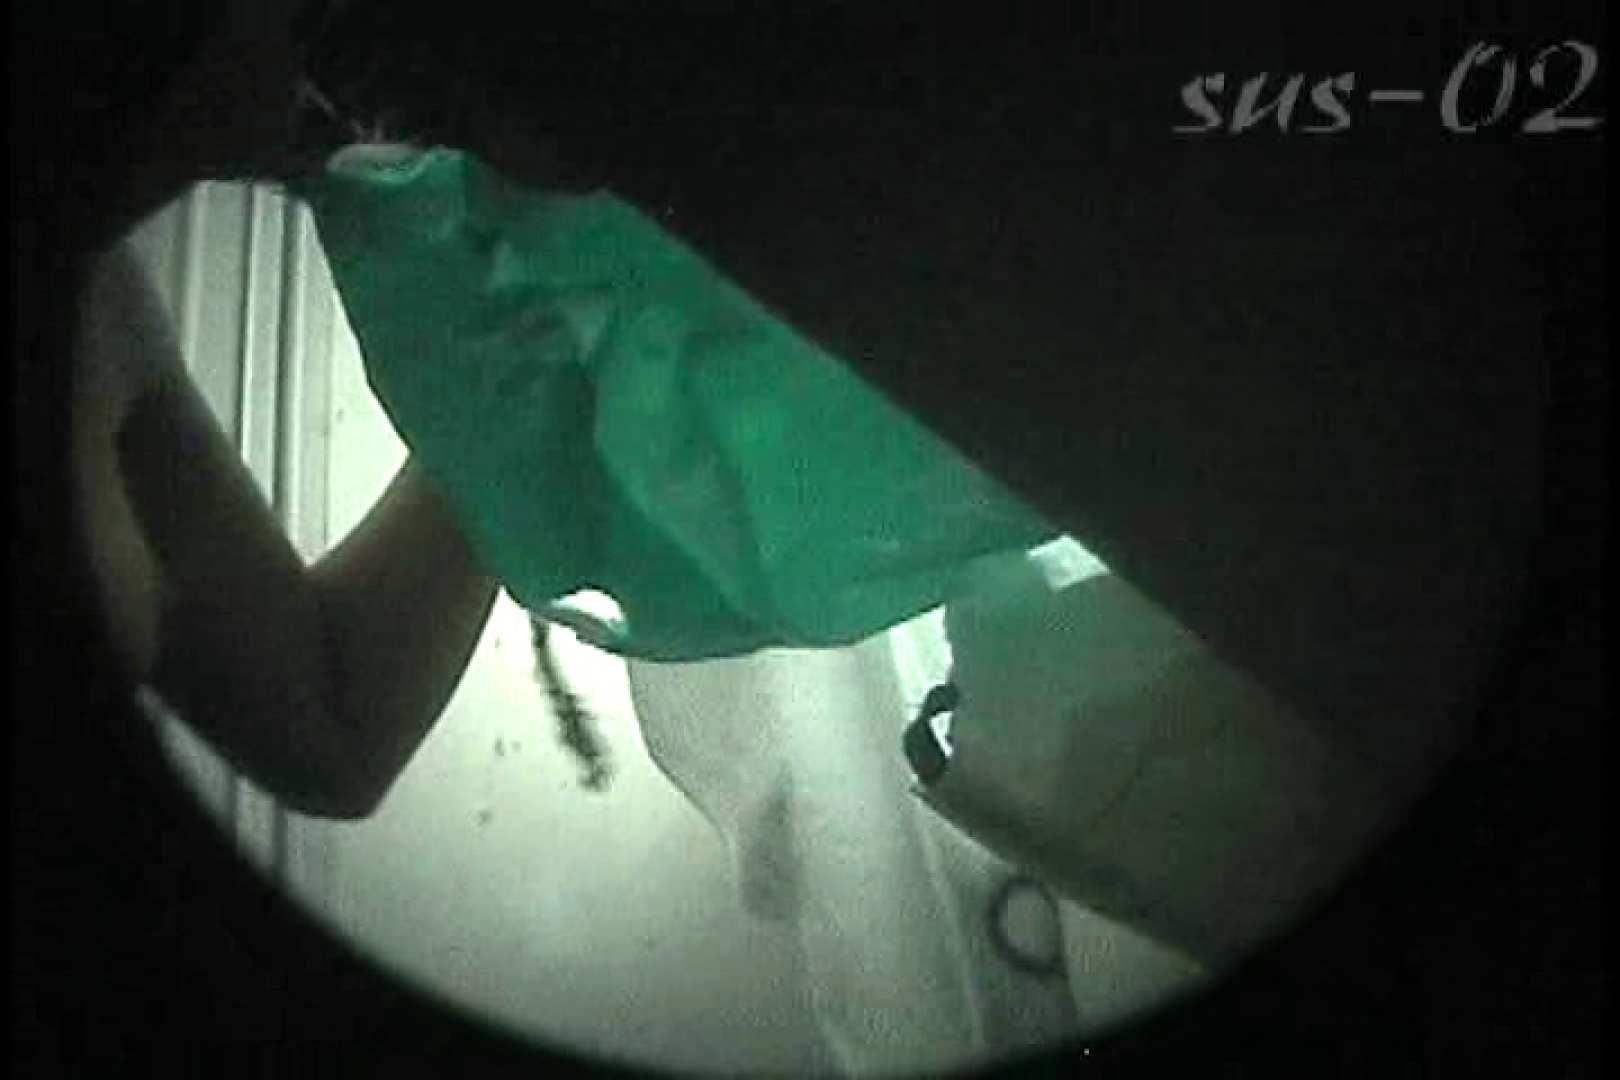 サターンさんのウル技炸裂!!夏乙女★海の家シャワー室絵巻 Vol.02 シャワー室  95枚 93